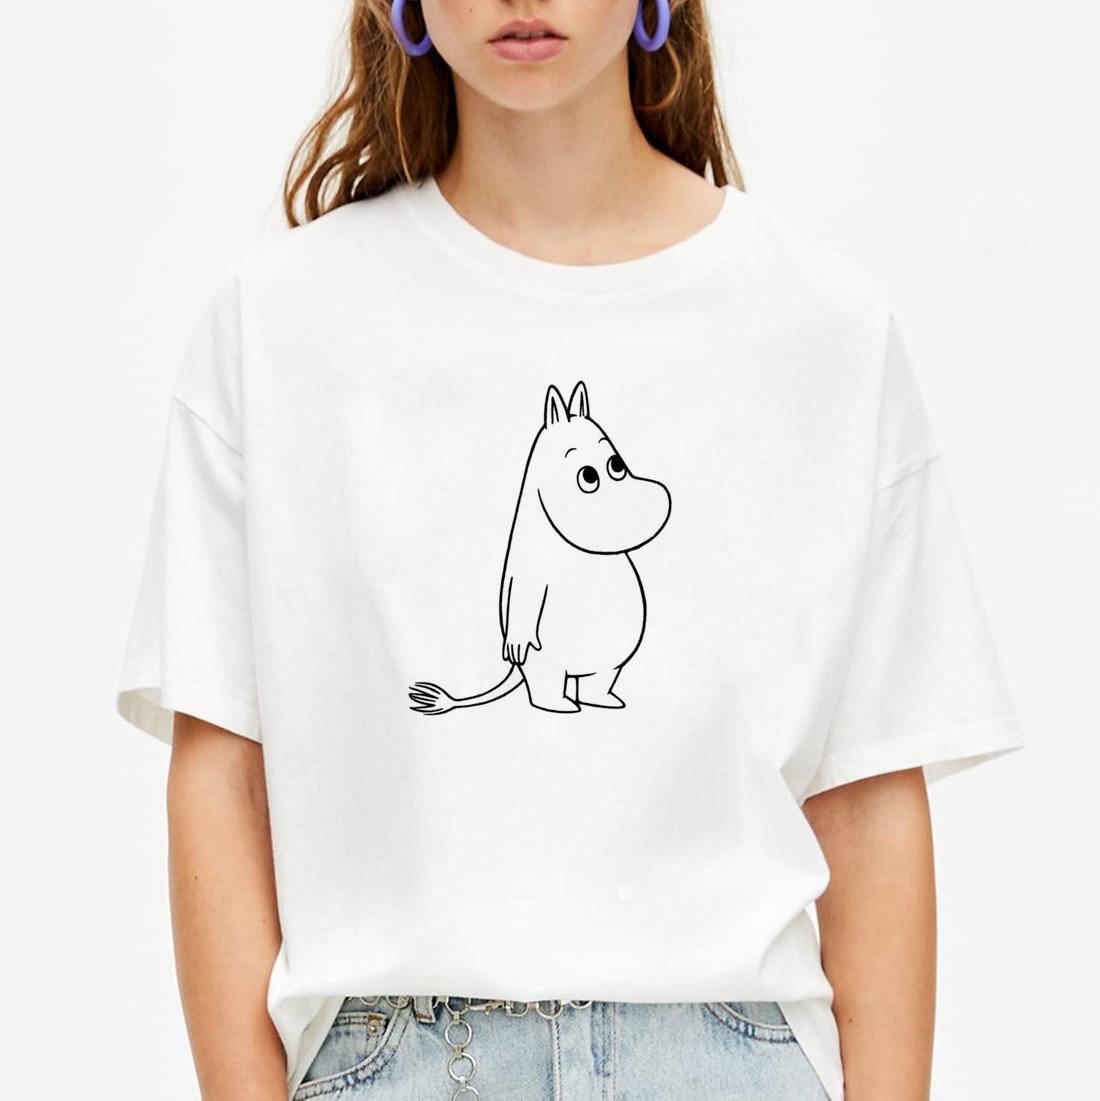 Модная рубашка для девочек, модная футболка с короткими рукавами Alt Moomins, хлопковая мягкая летняя футболка с 3D принтом, повседневная женская футболка Kawaii